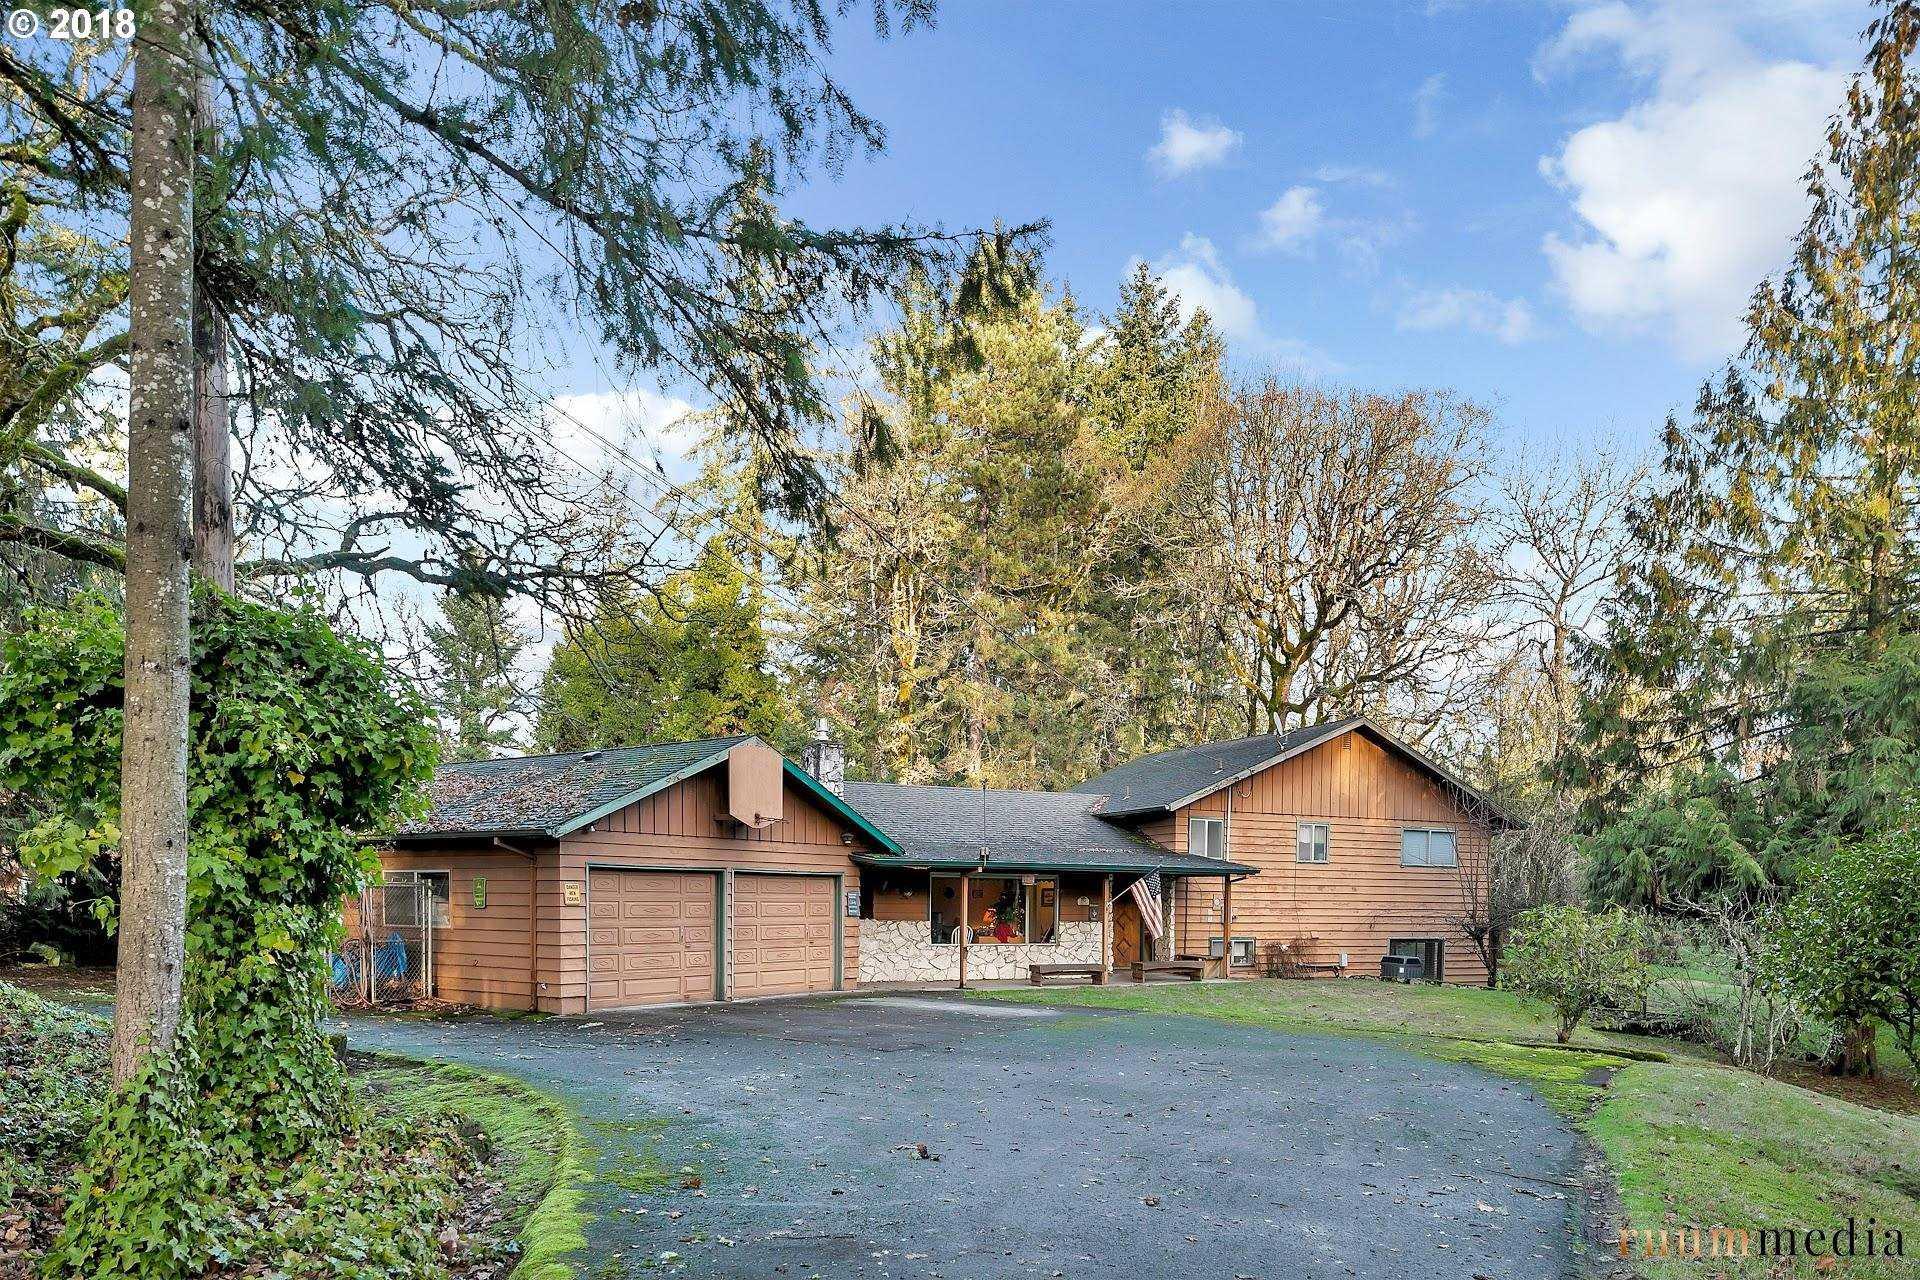 $481,500 - 4Br/3Ba -  for Sale in Cpo 9 Hillsboro, Hillsboro